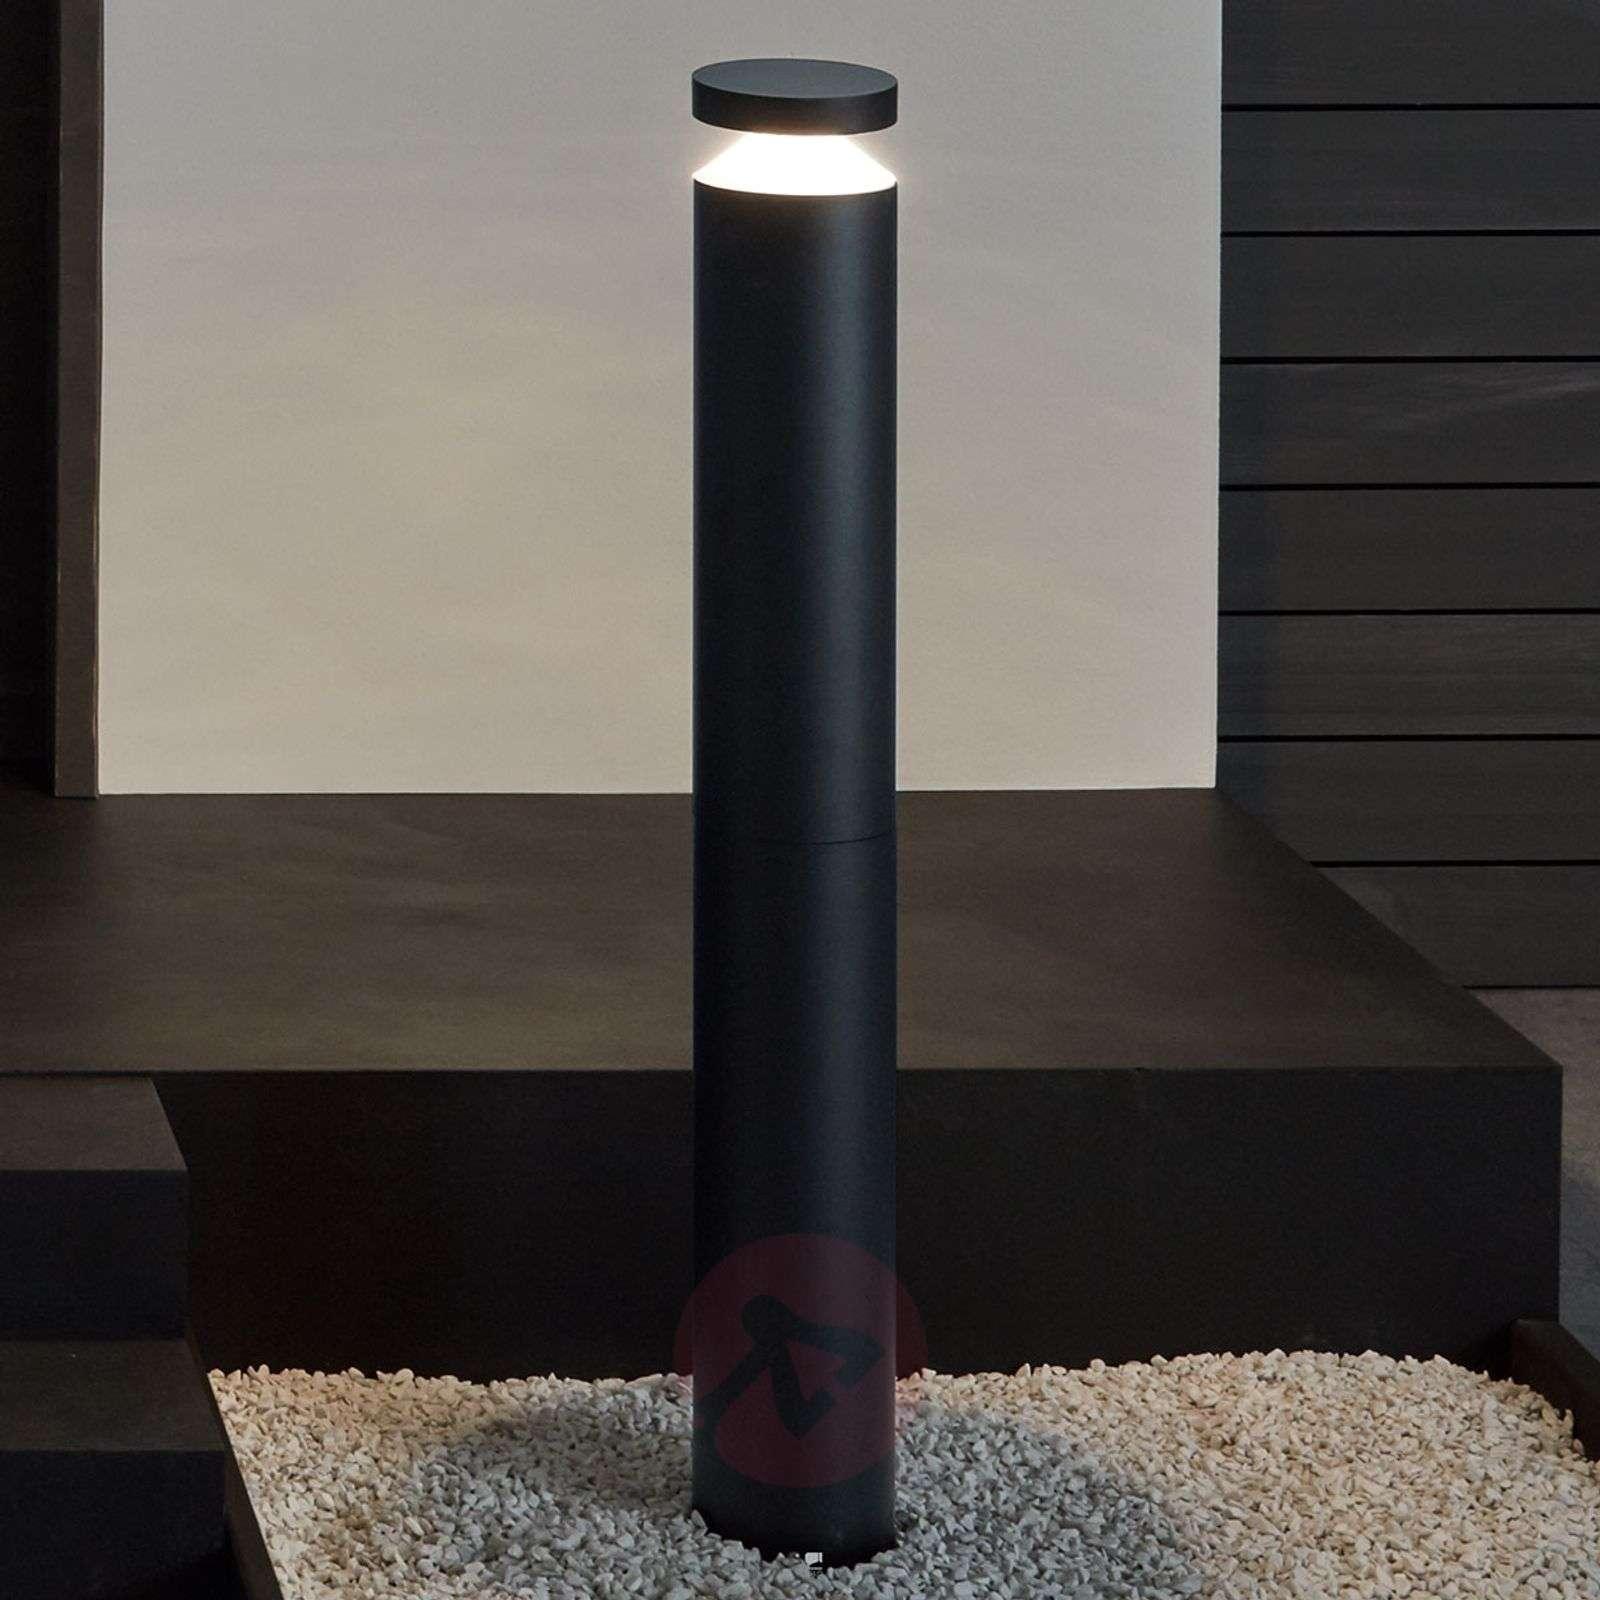 Moderni LED-pylväsvalaisin Melzo, musta-3000604-01